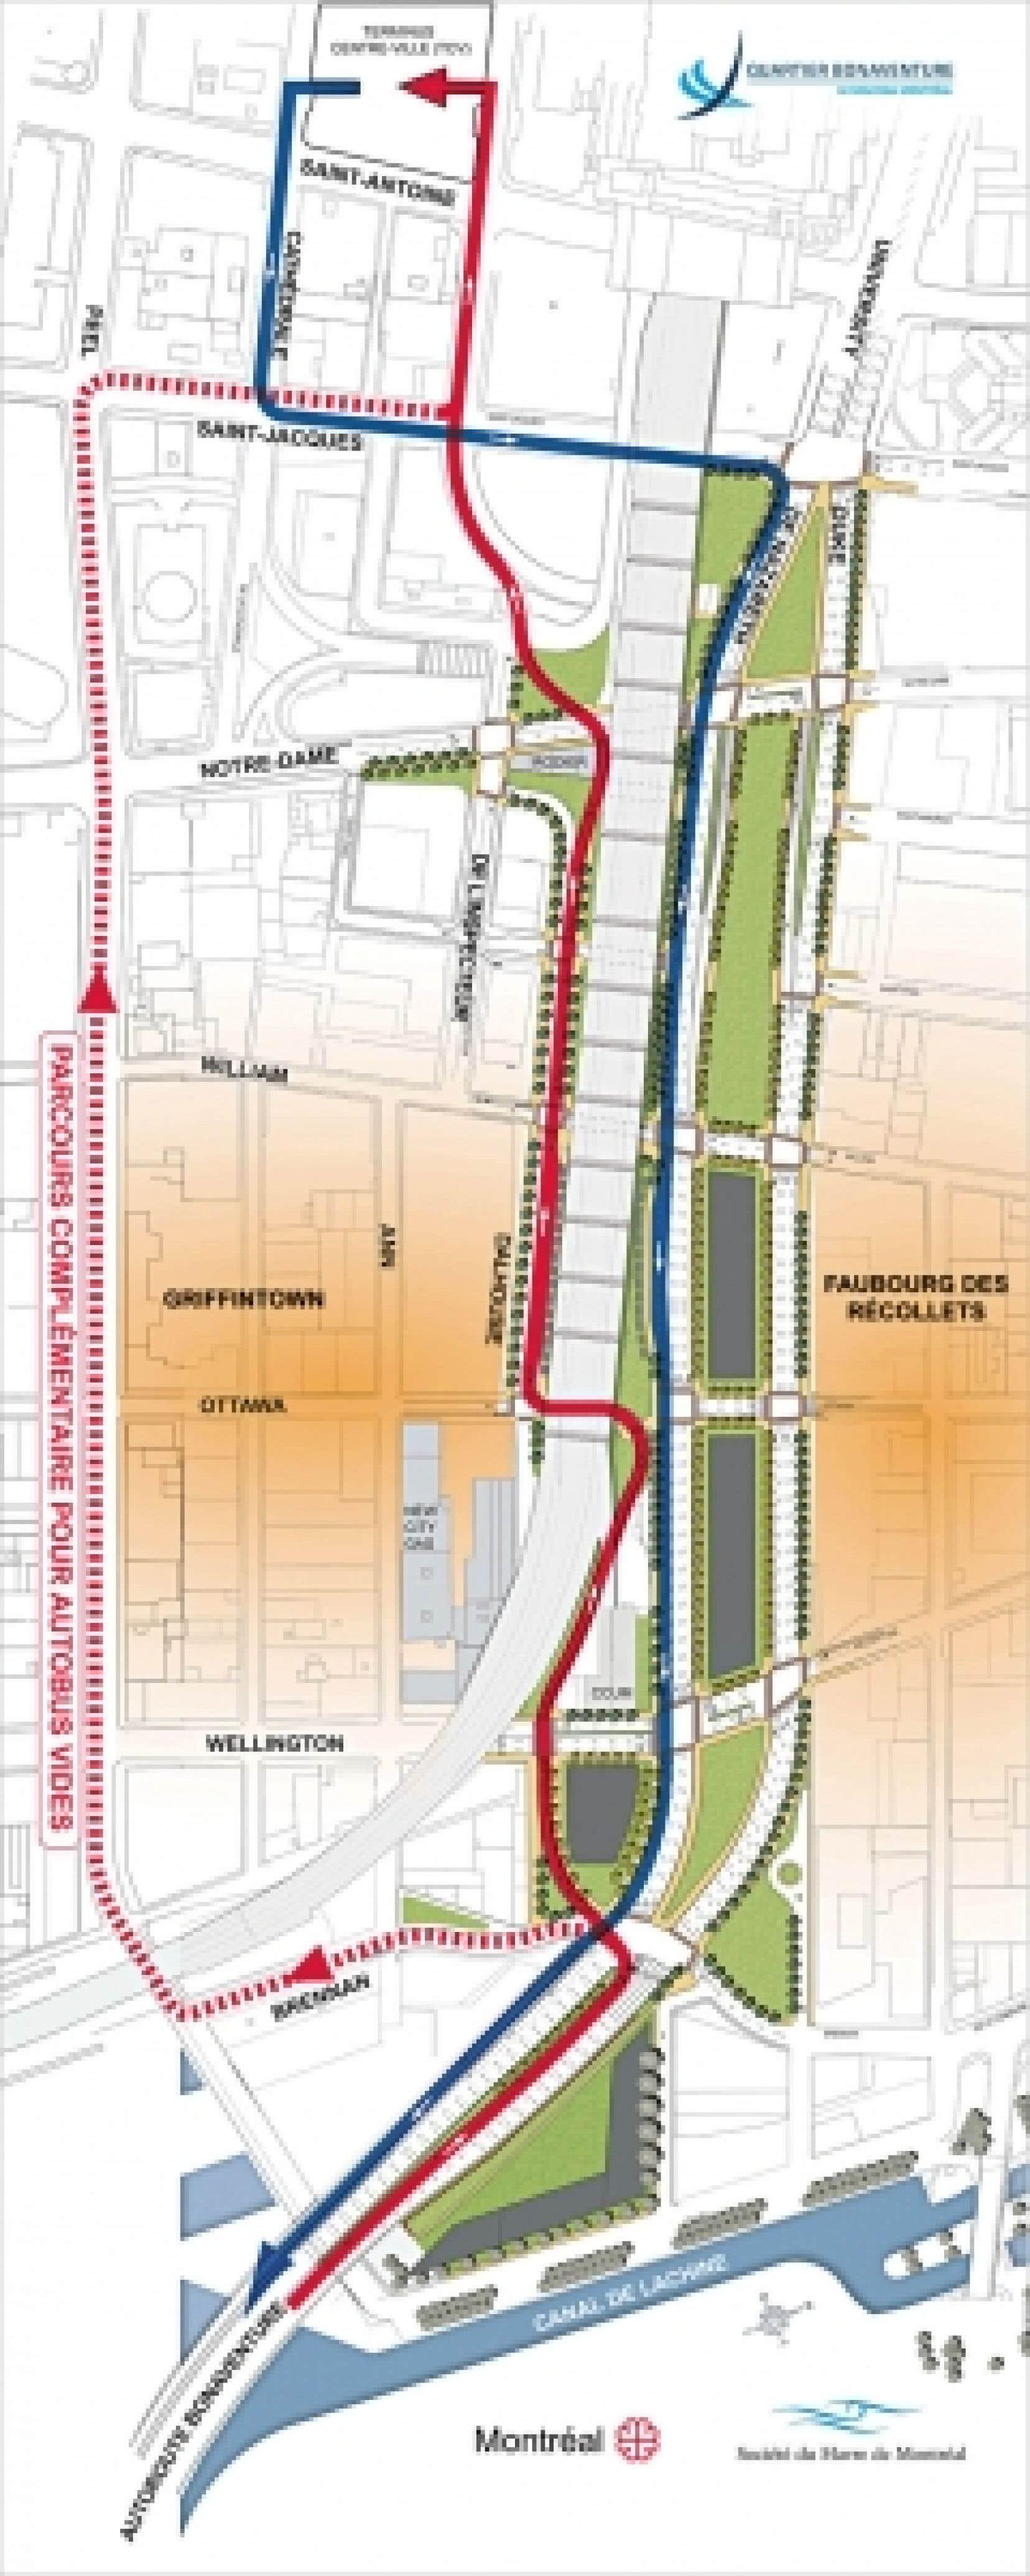 Les autobus provenant de la Rive-Sud (en rouge) emprunteront un tracé sinueux afin d'éviter de percer le viaduc ferroviaire et épargner l'immeuble patrimonial de la New City Gas. Dans l'autre direction, les autobus emprunteront le futur boulevard Bonaventure (en bleu) en direction de la Rive-Sud.